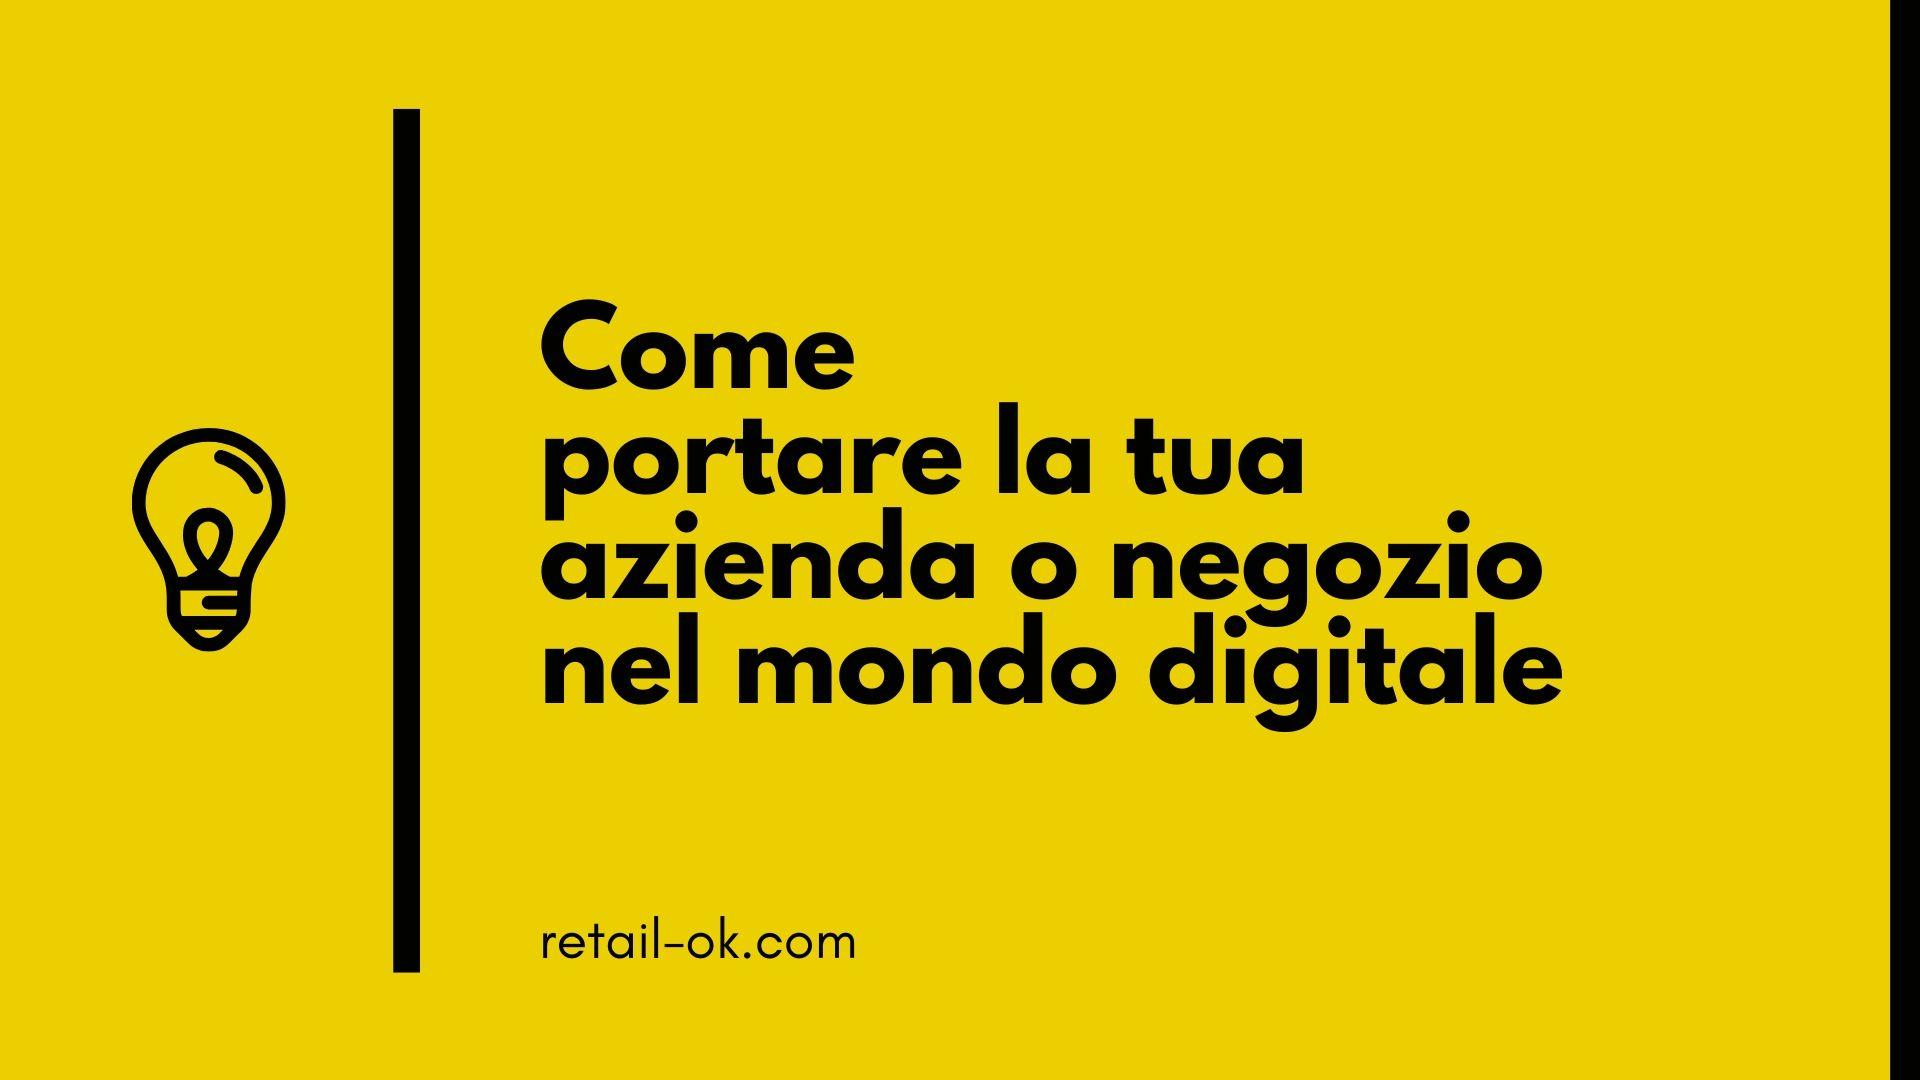 come entrare nel mondo digitale